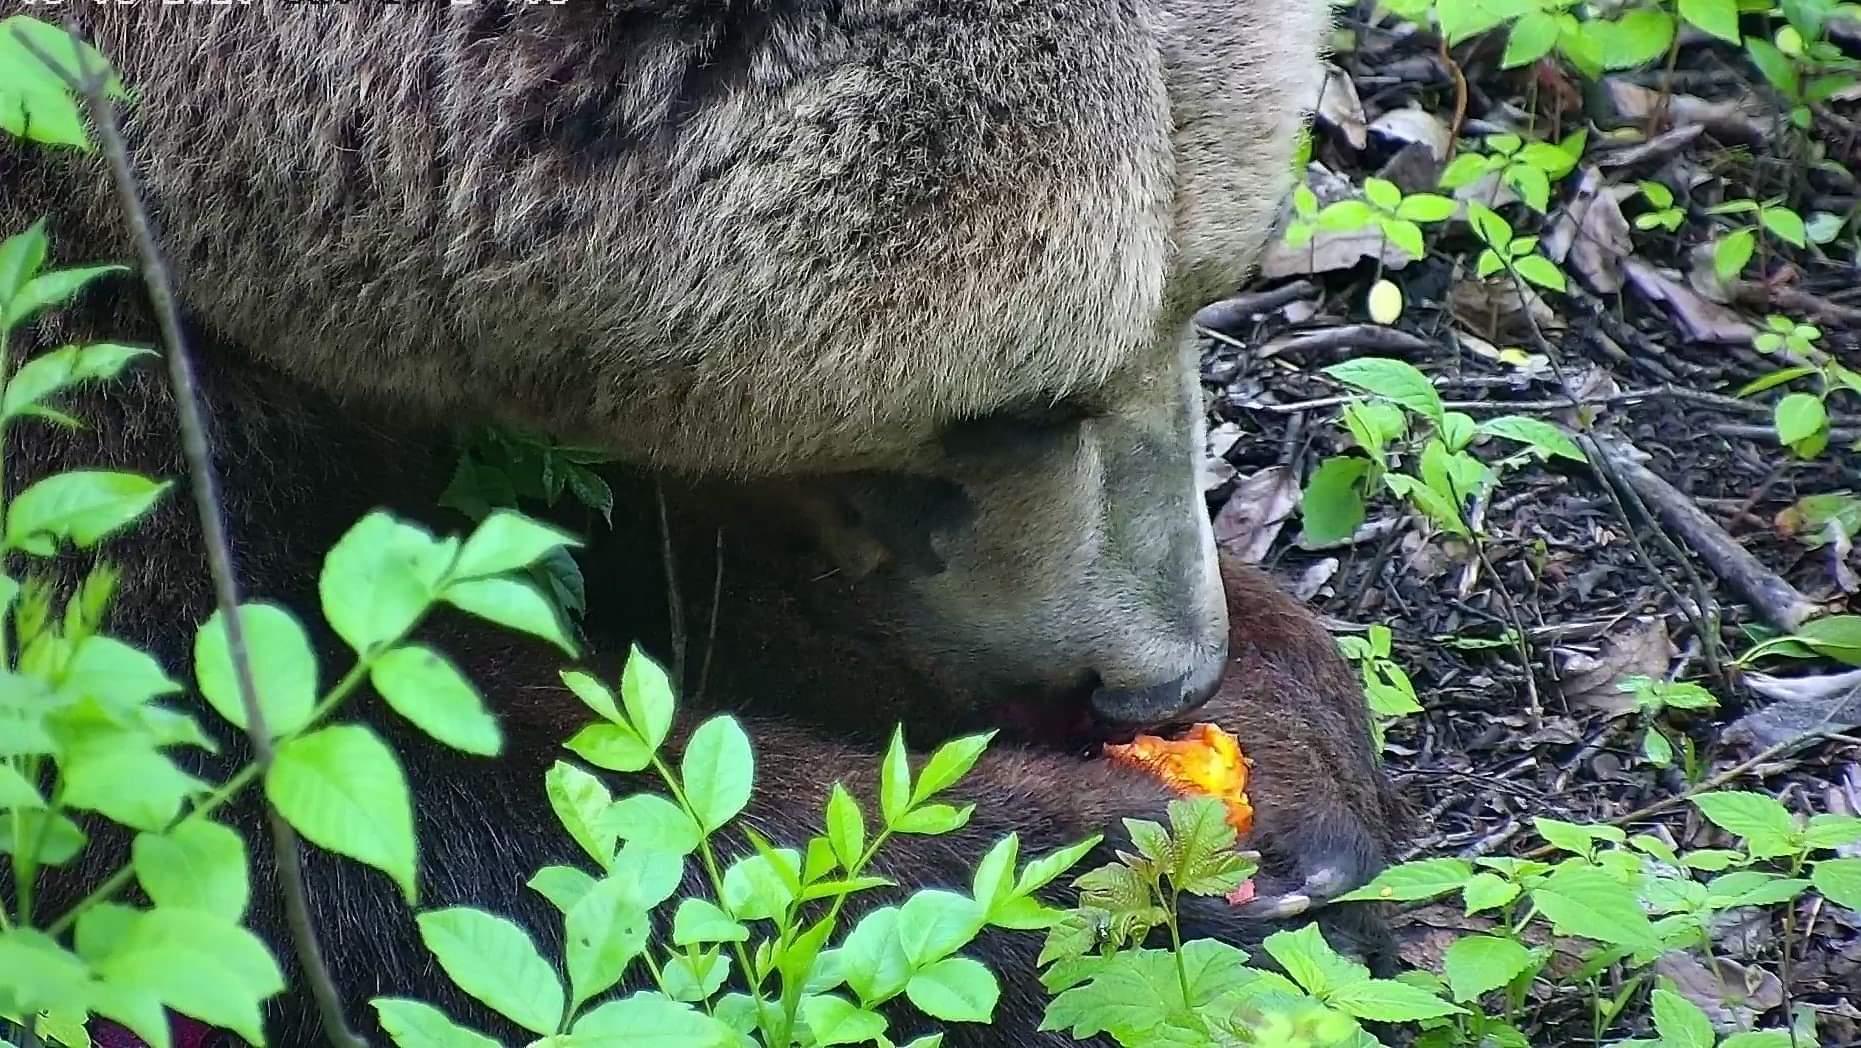 Тверской авиамедведь рассказал, почему любит есть морковь